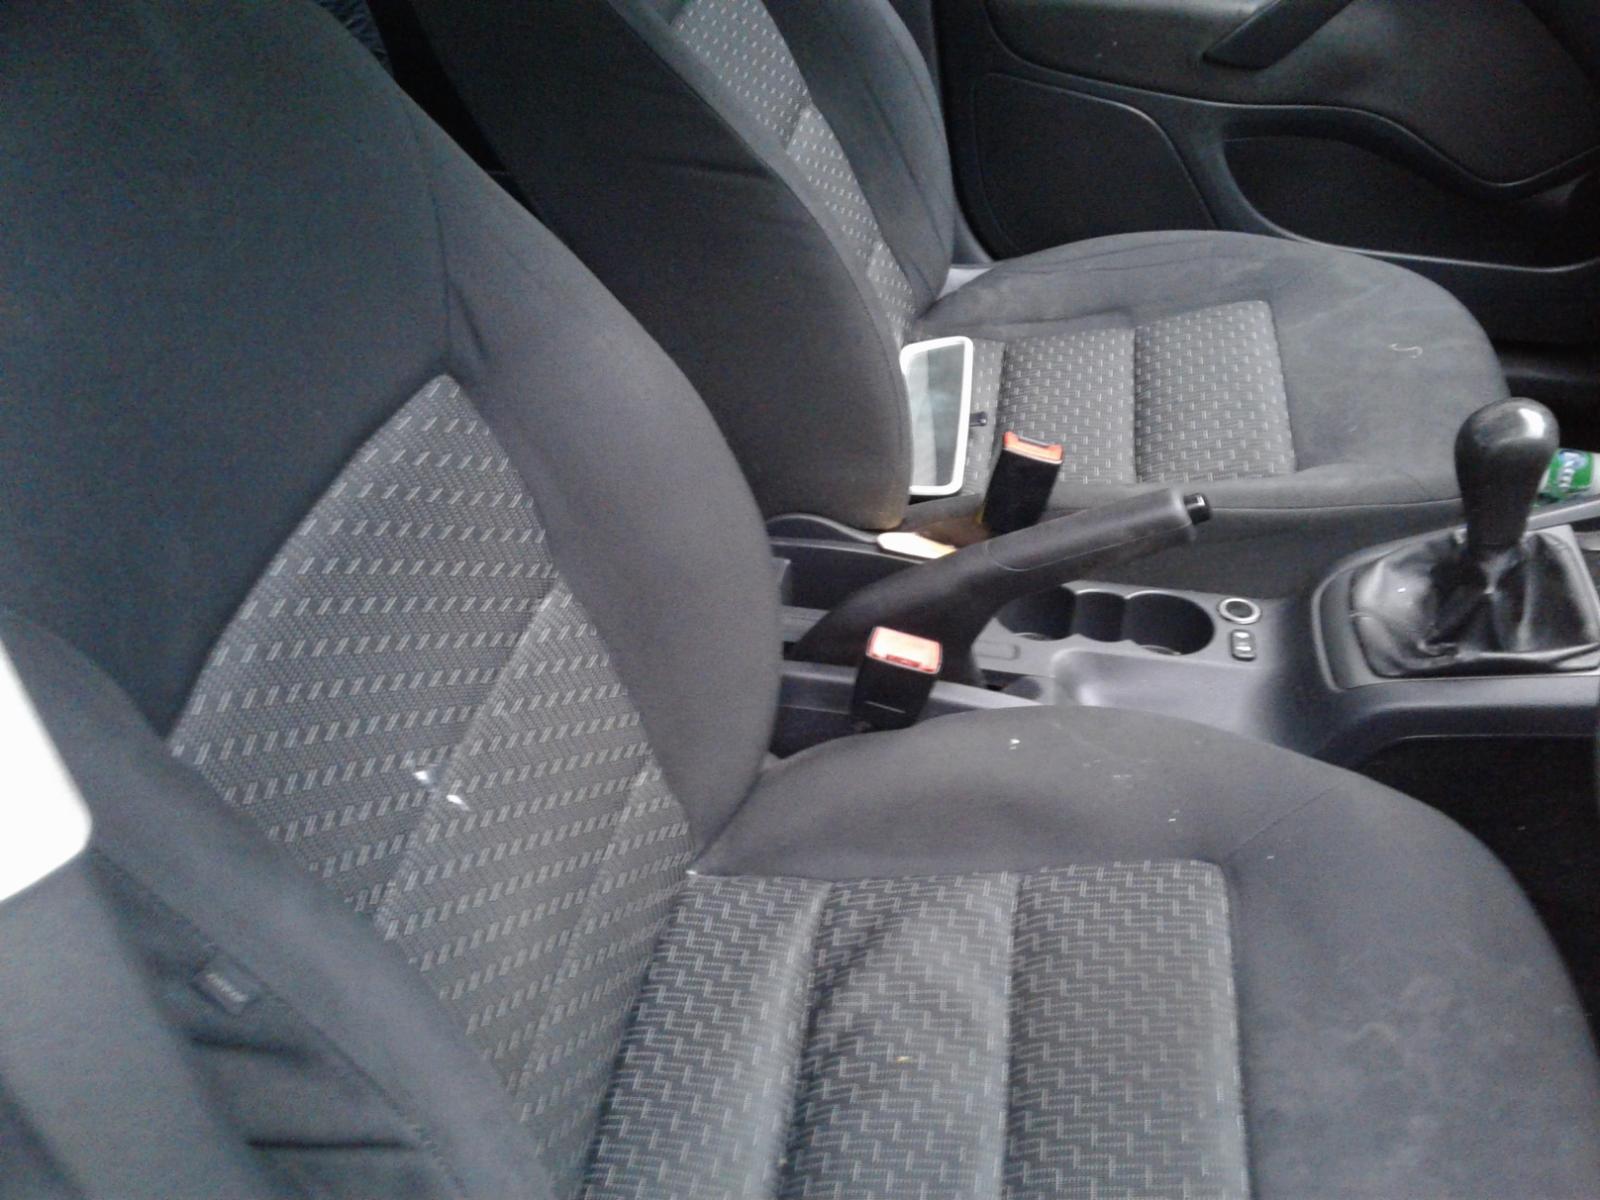 Image for a SKODA OCTAVIA 2009 5 Door Hatchback